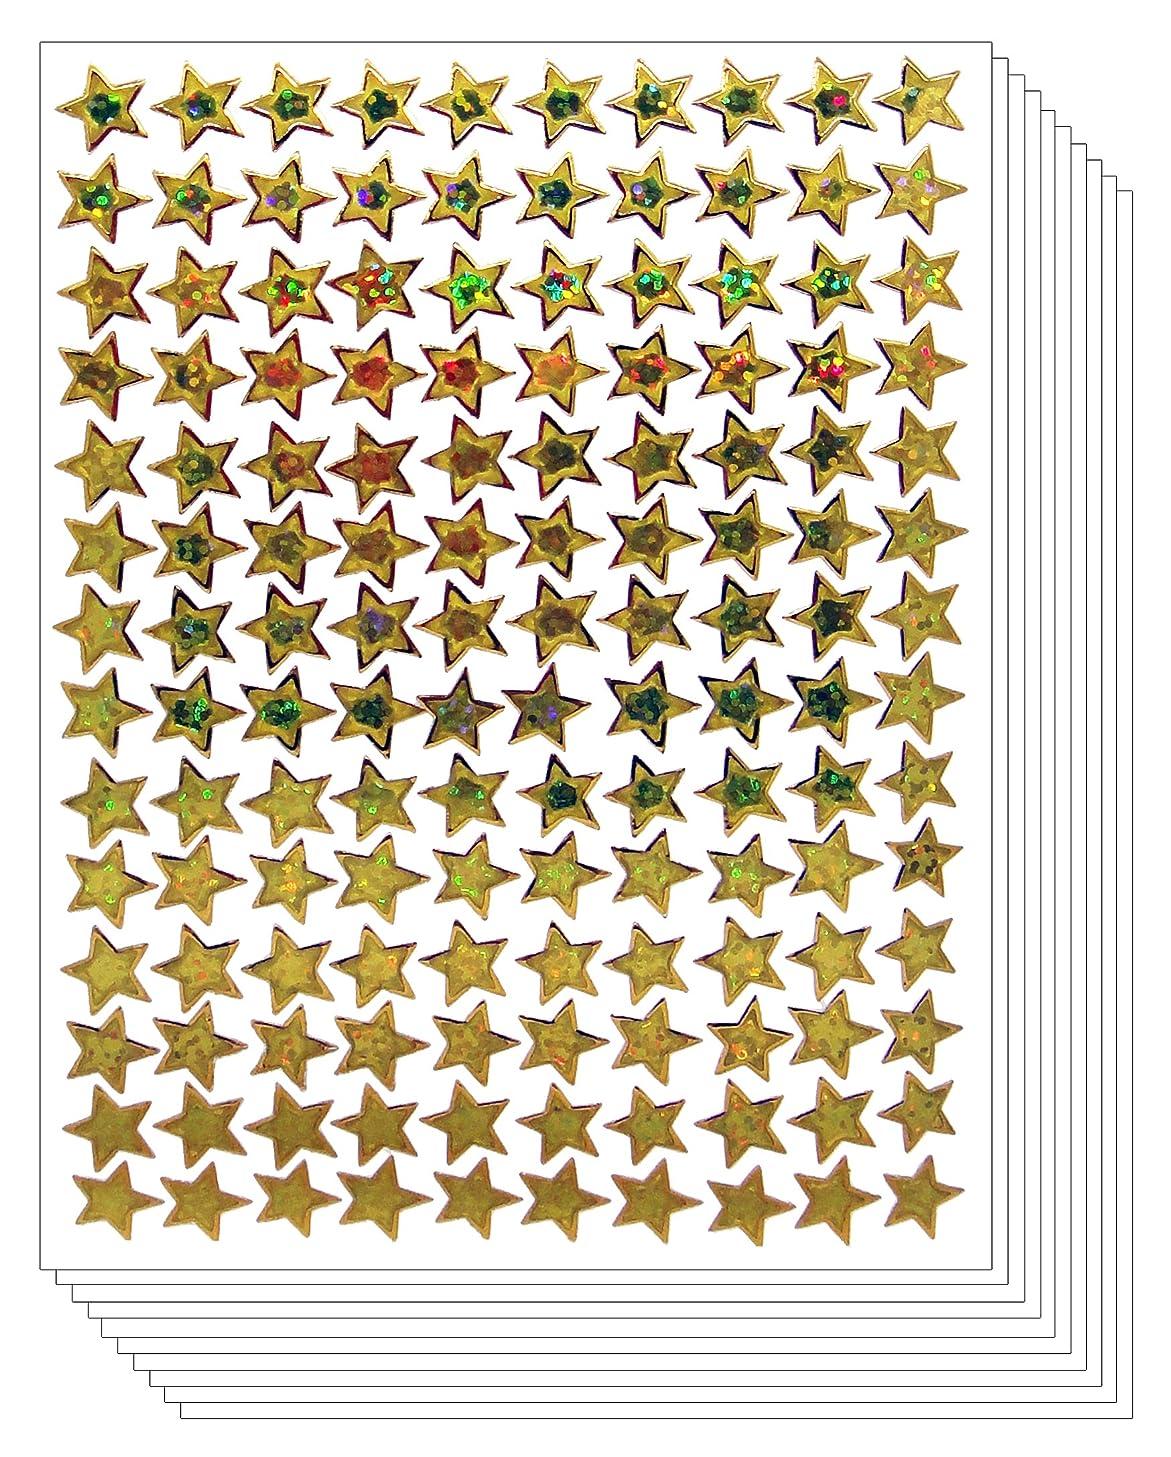 Star School Mini Reward Stickers Kid (Gold, 10 Sheets)